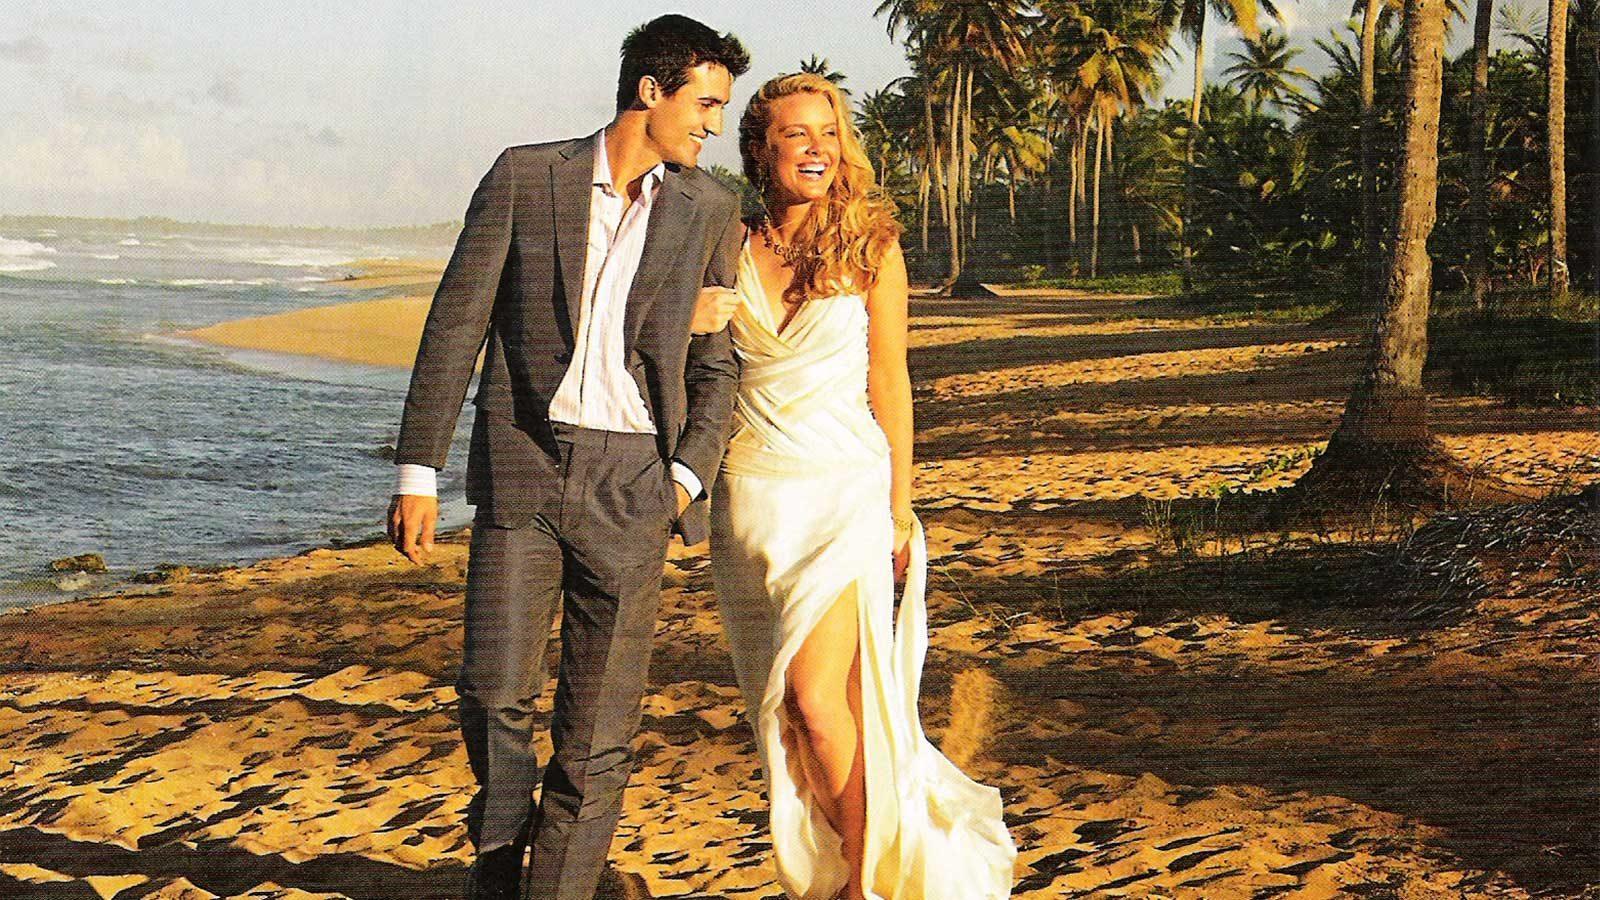 Destination Wedding Featured Image